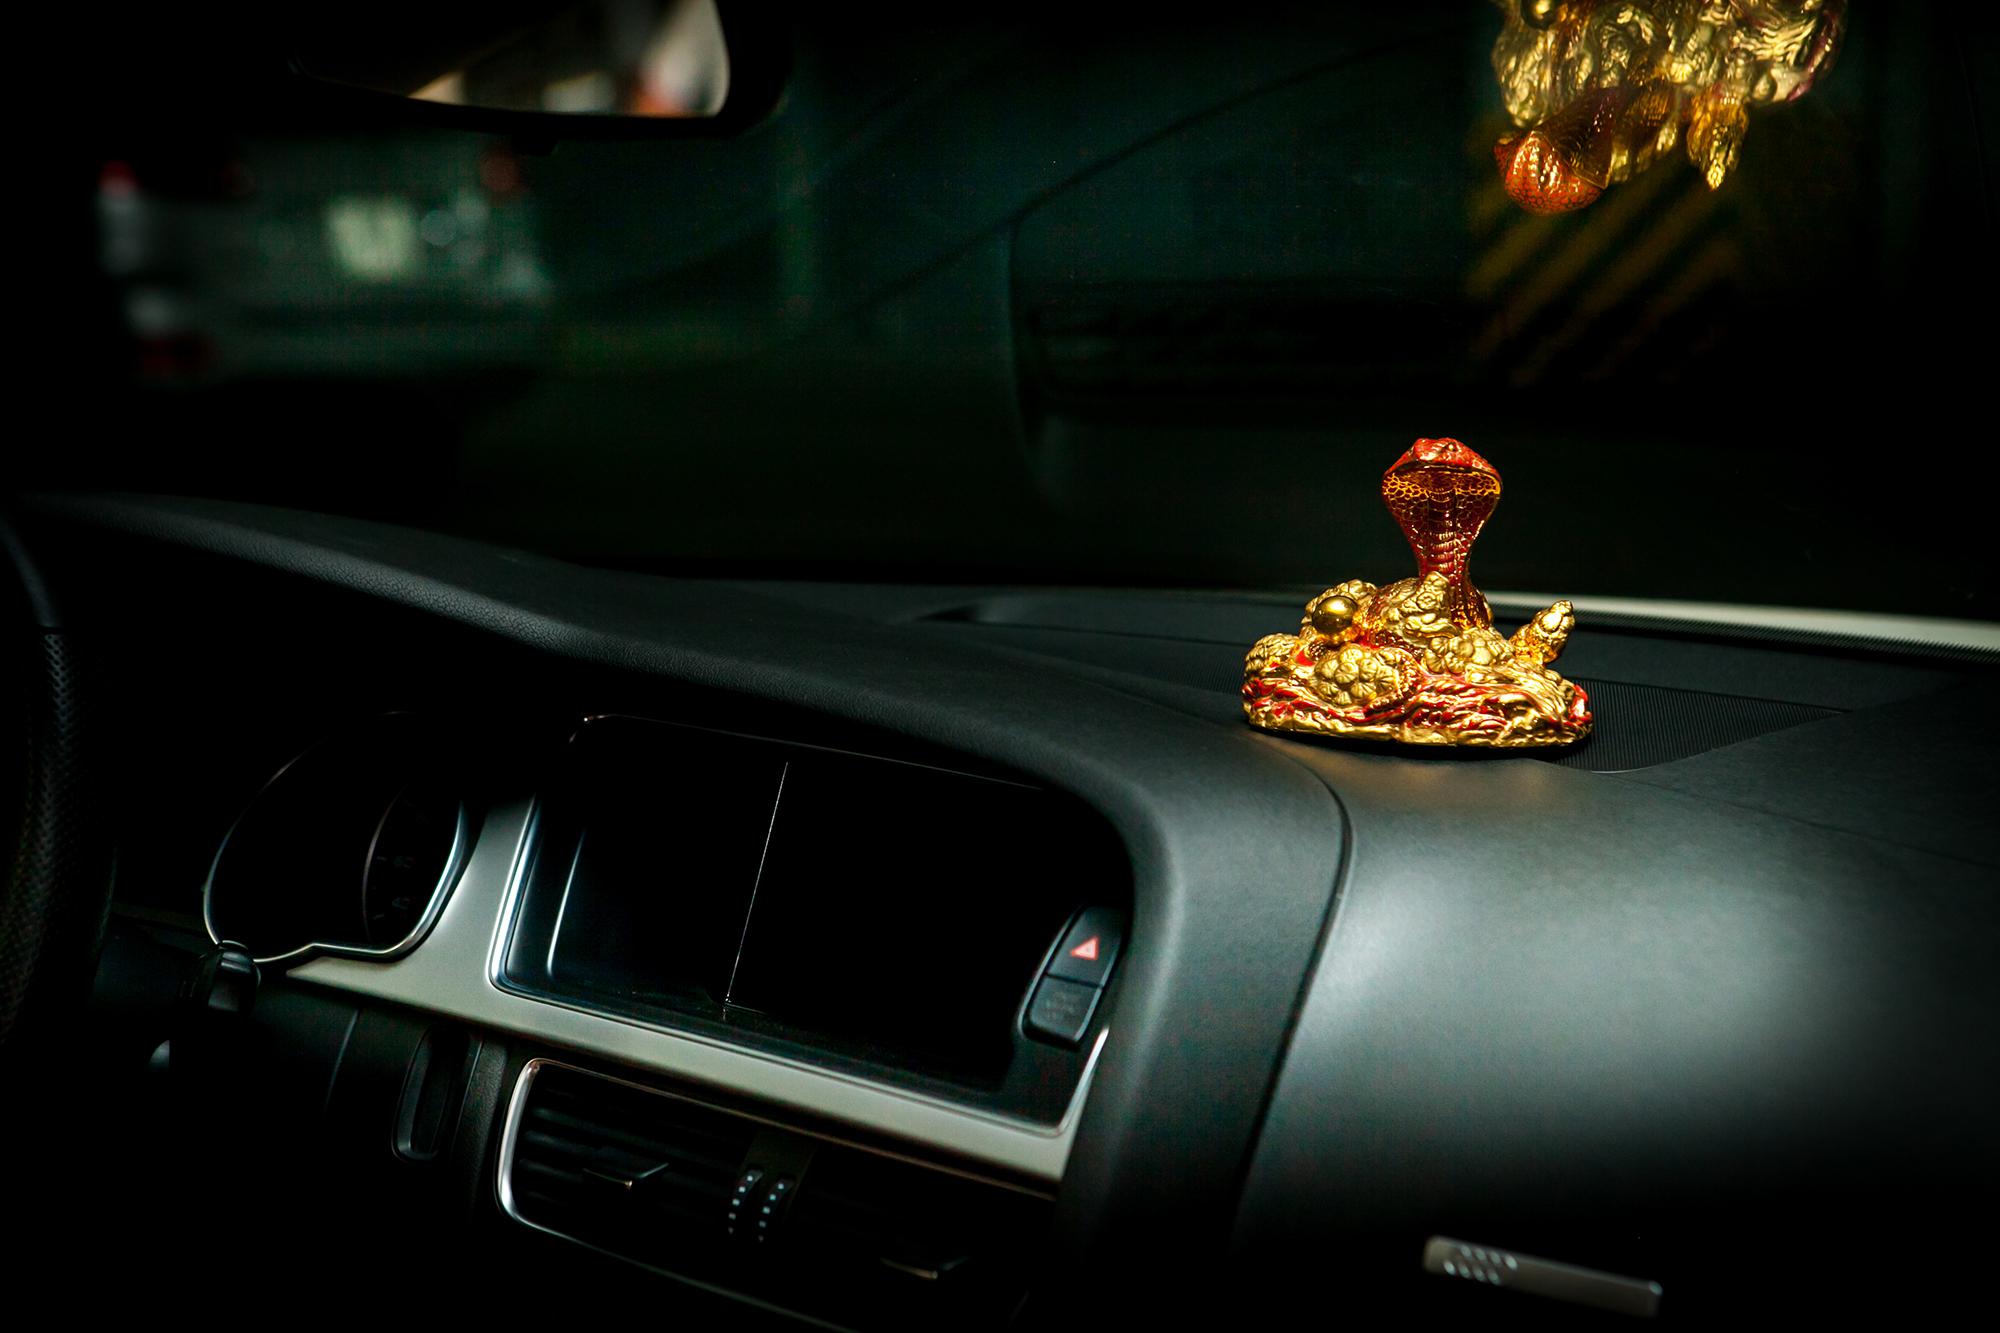 Hình ảnh Quý linh xe hơi – 12 con giáp: Bình an & may mắn số 6